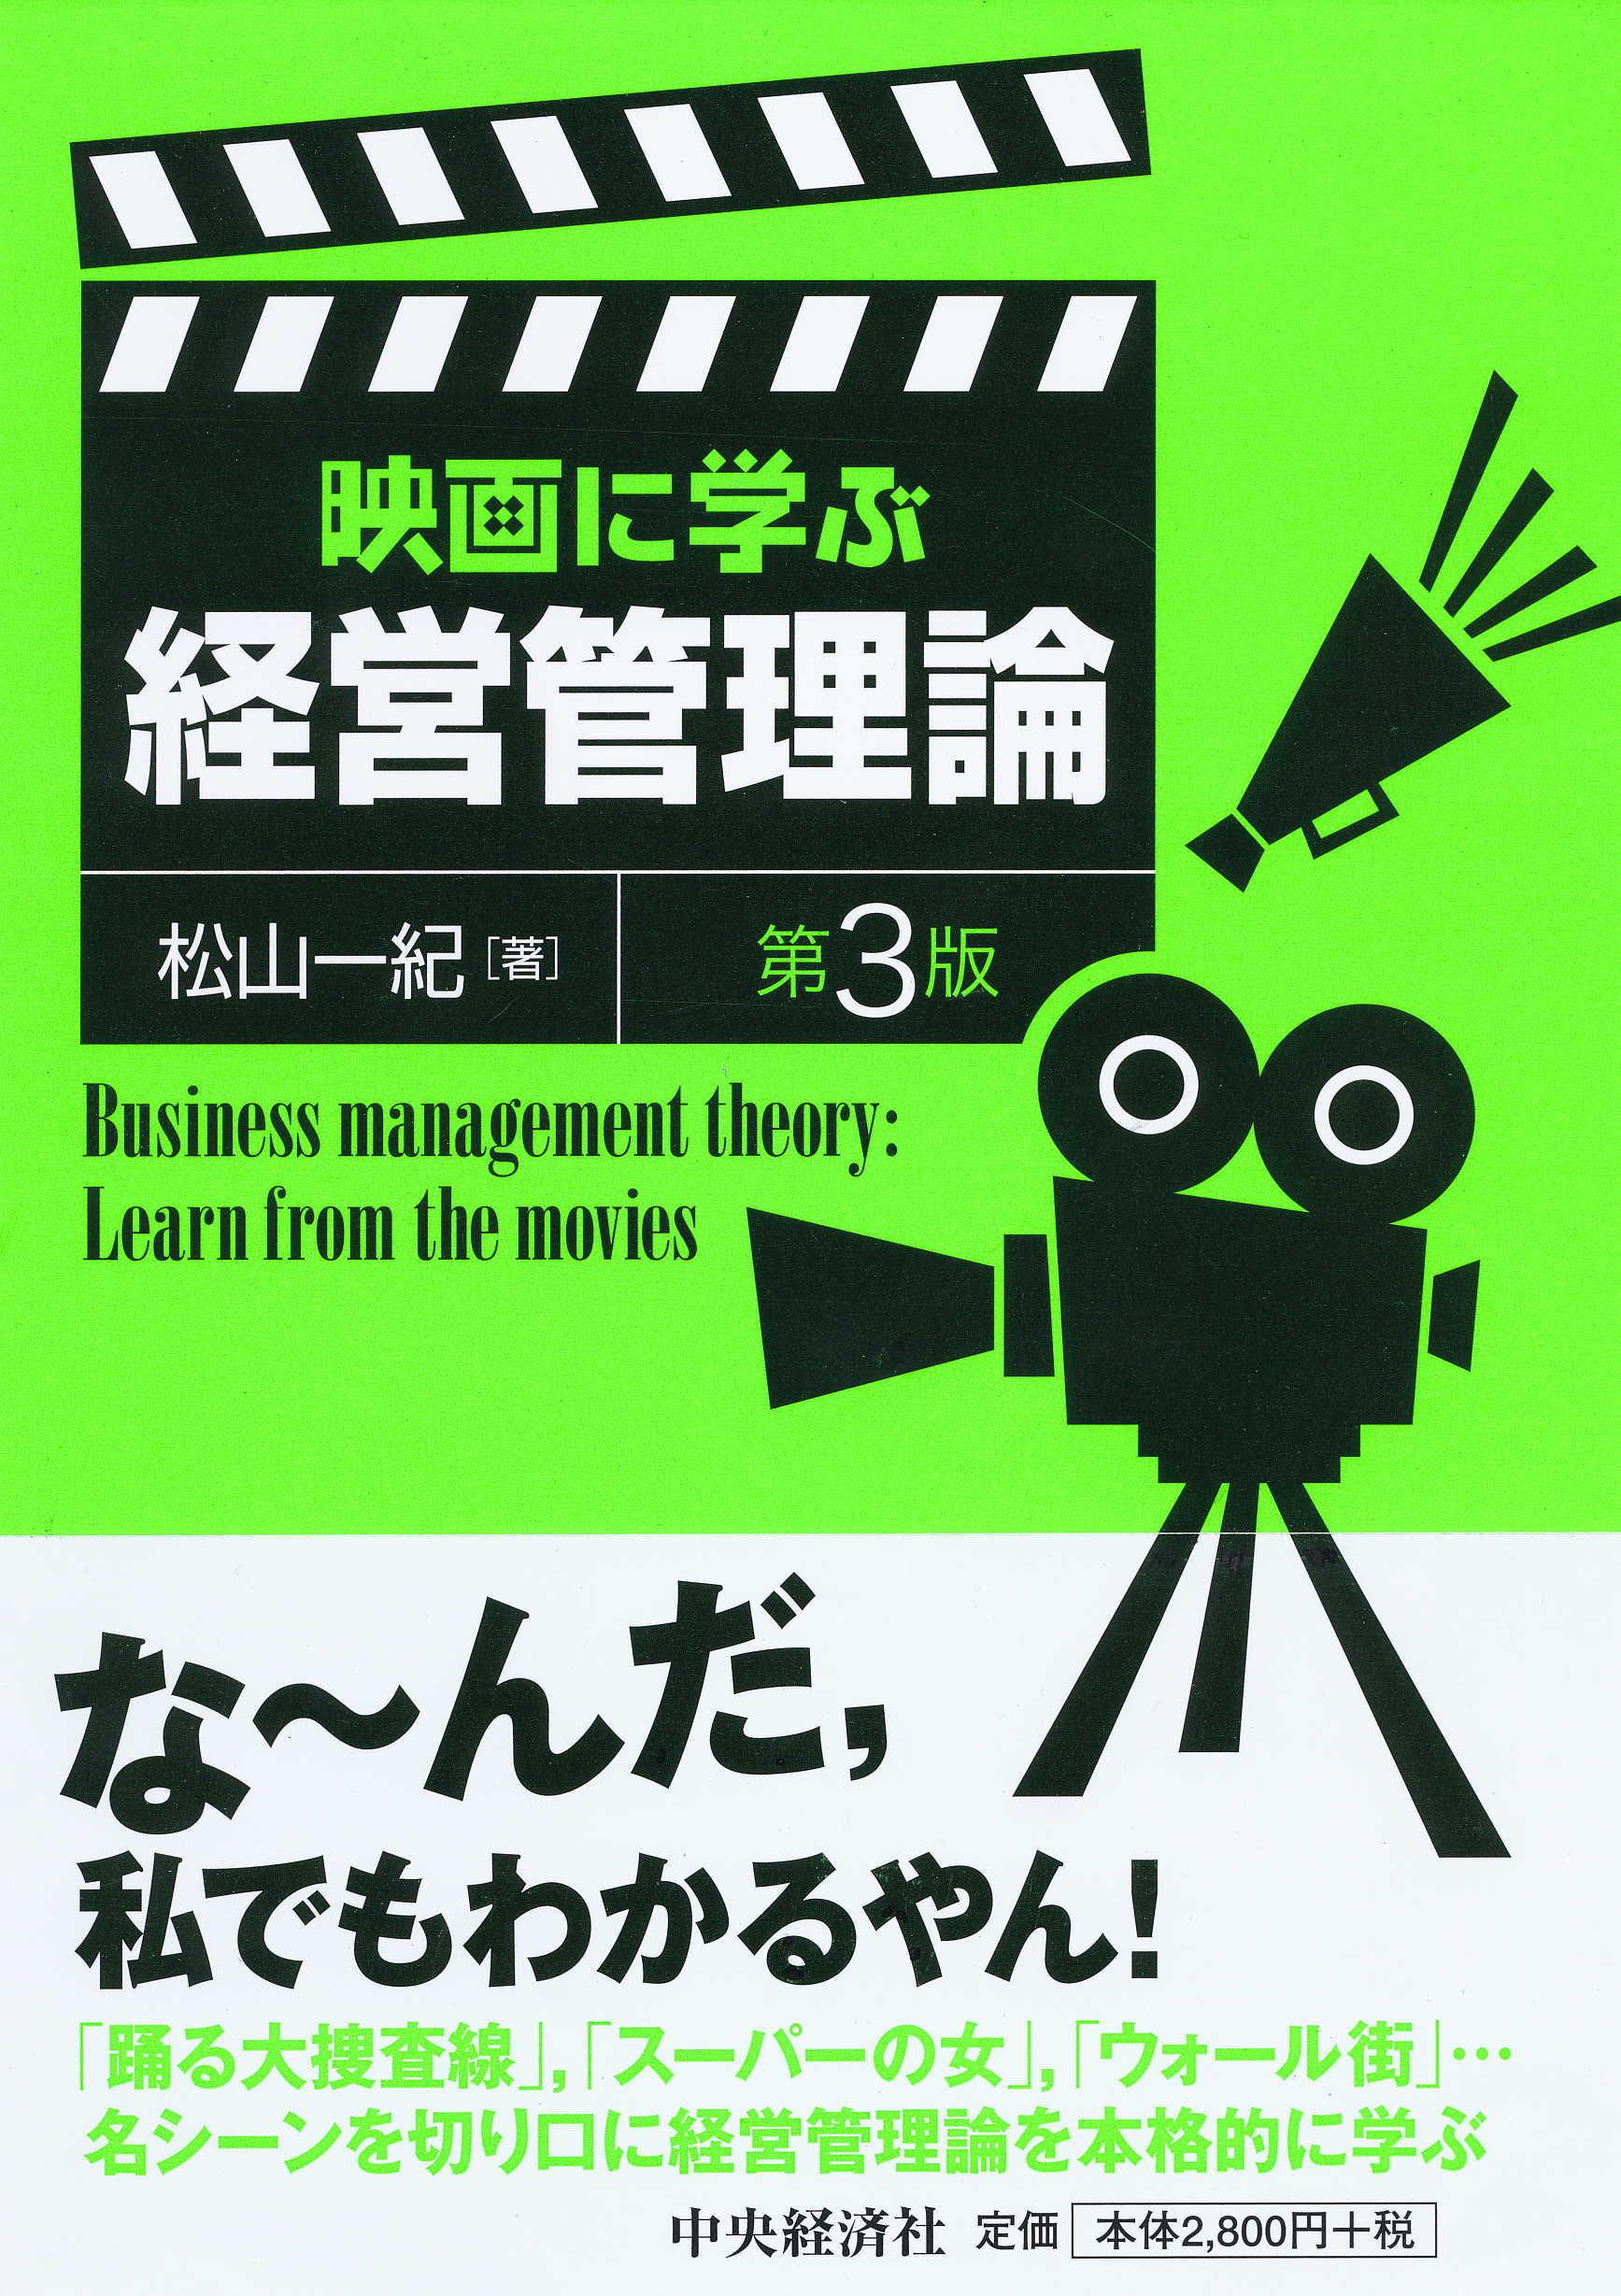 『映画に学ぶ経営管理論〈第3版〉』の書影